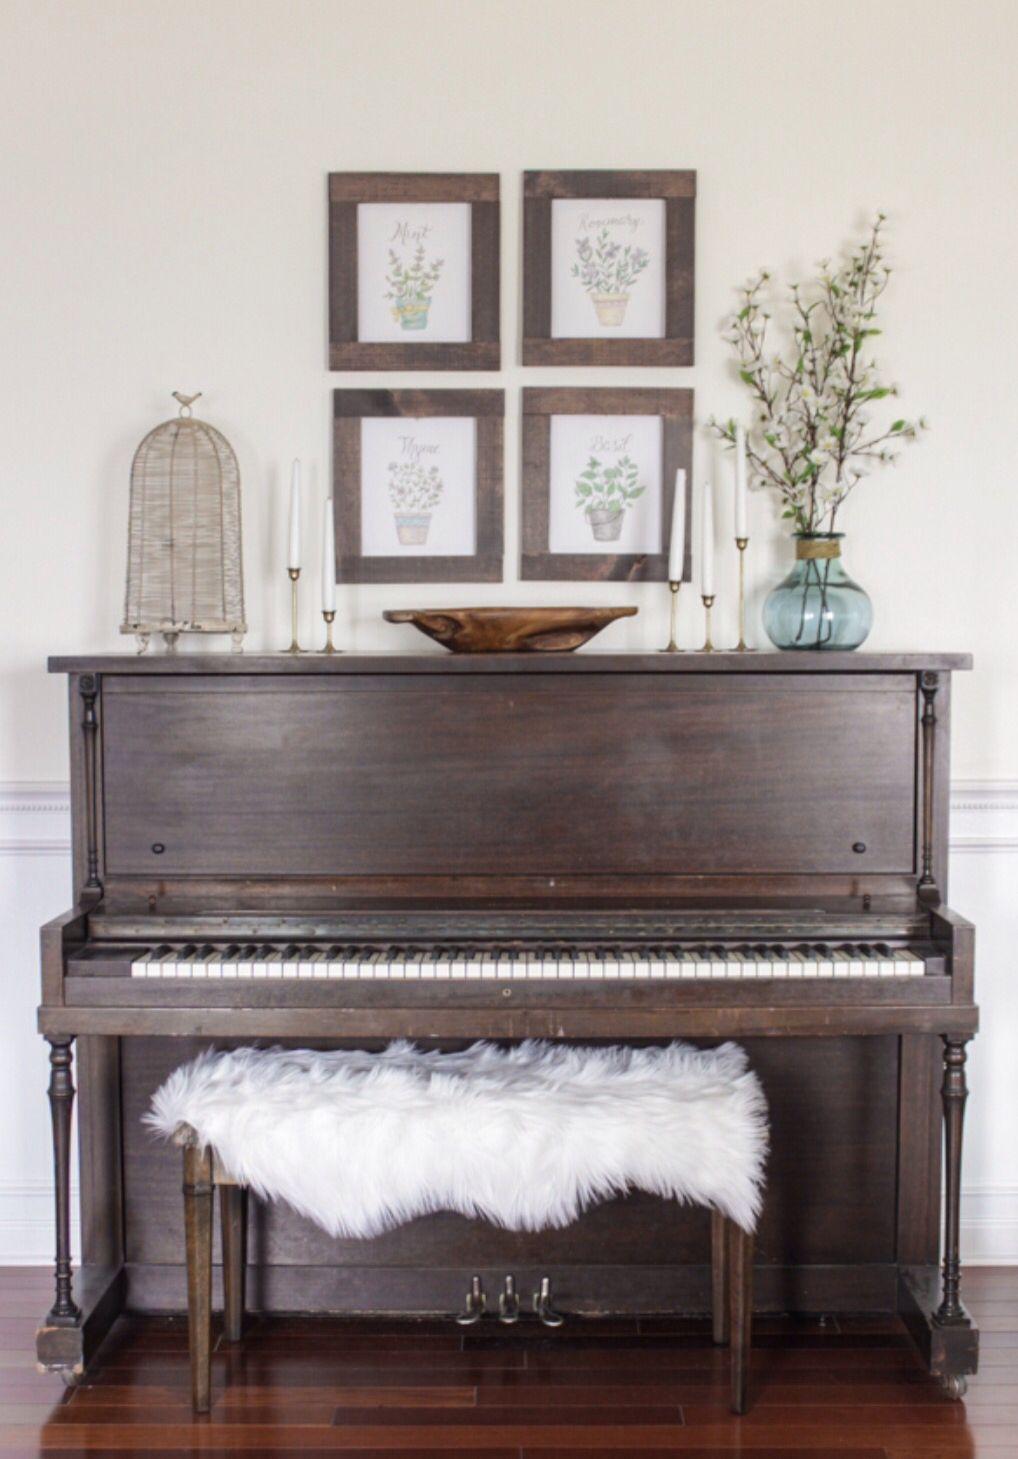 Antique Piano Original Finish Piano Decor Upright Piano D